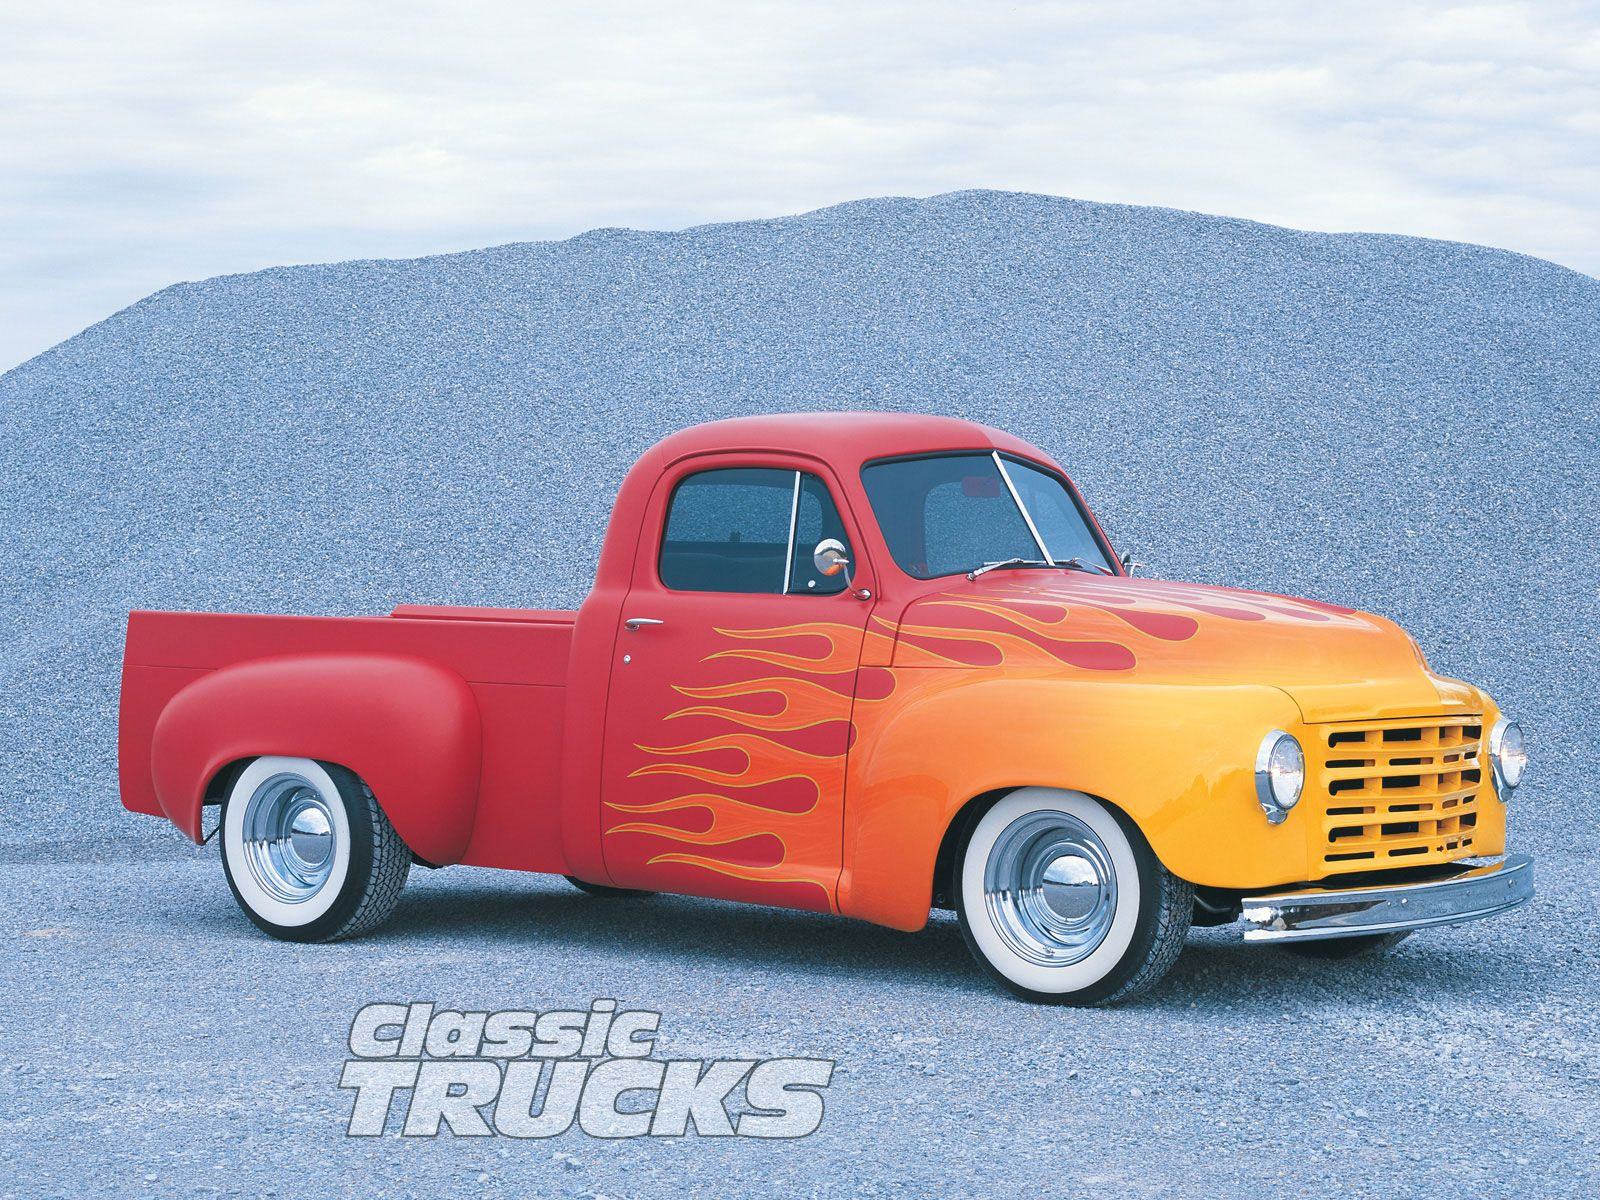 free desktop wallpapers 022 zclassic truck desktop wallpapers 1600x1200